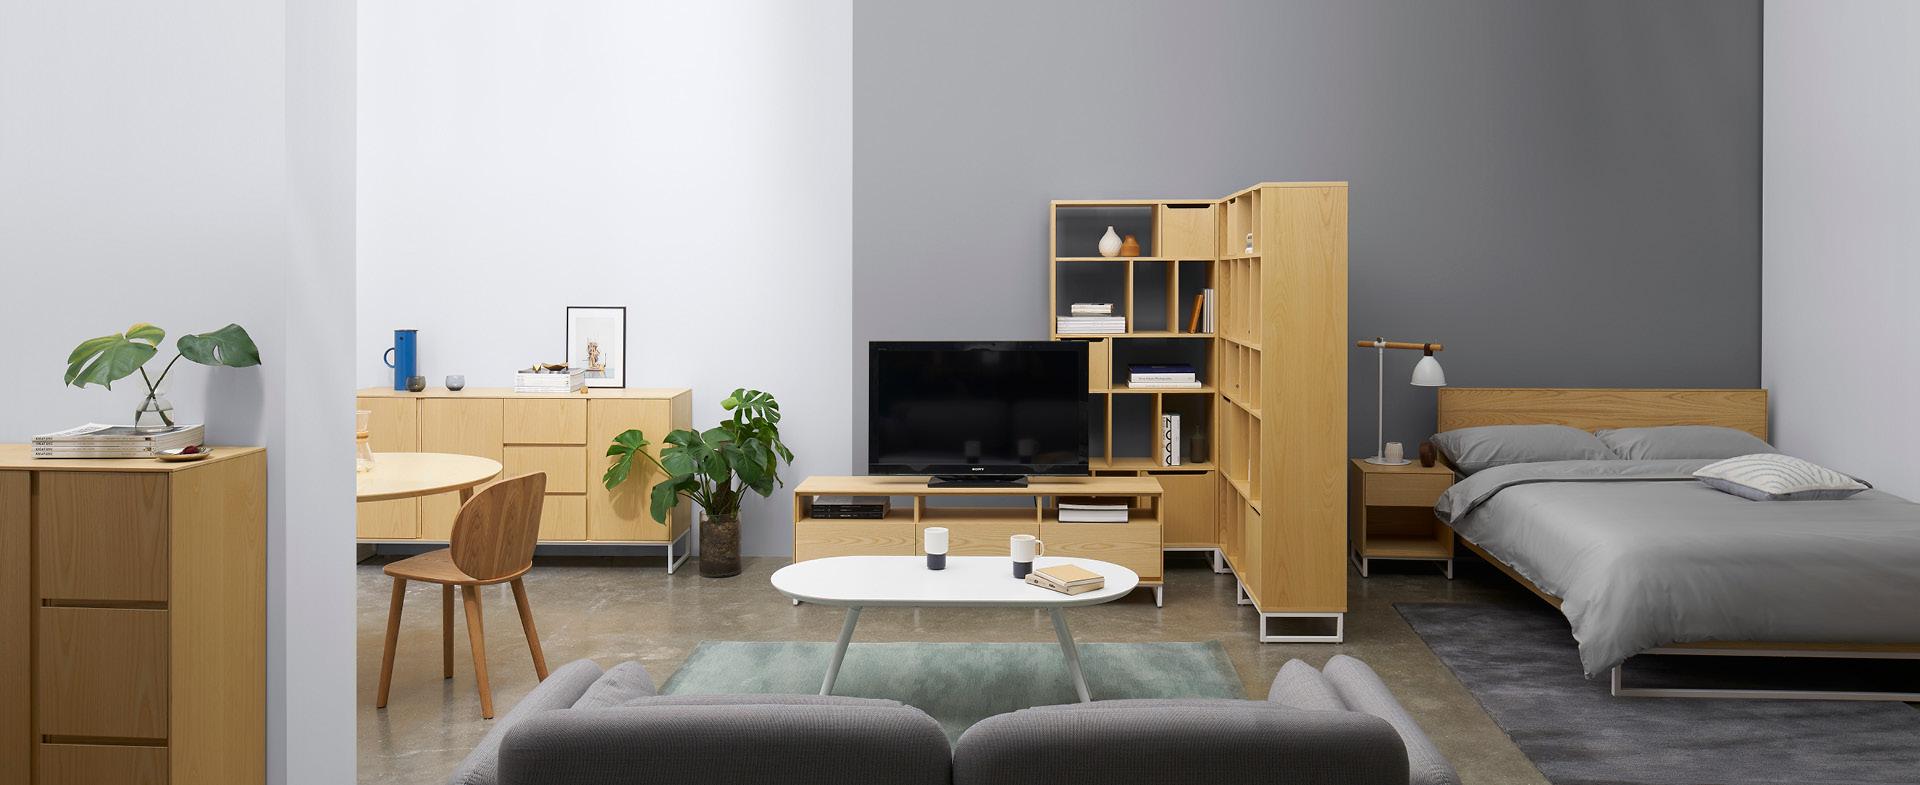 """造作套系背景家具""""画板系列""""已全系上线,简约收敛的线条,温暖的木质触感,丰满考究的细节,勾勒全家的基础构线。?x-oss-process=image/format,jpg/interlace,1"""